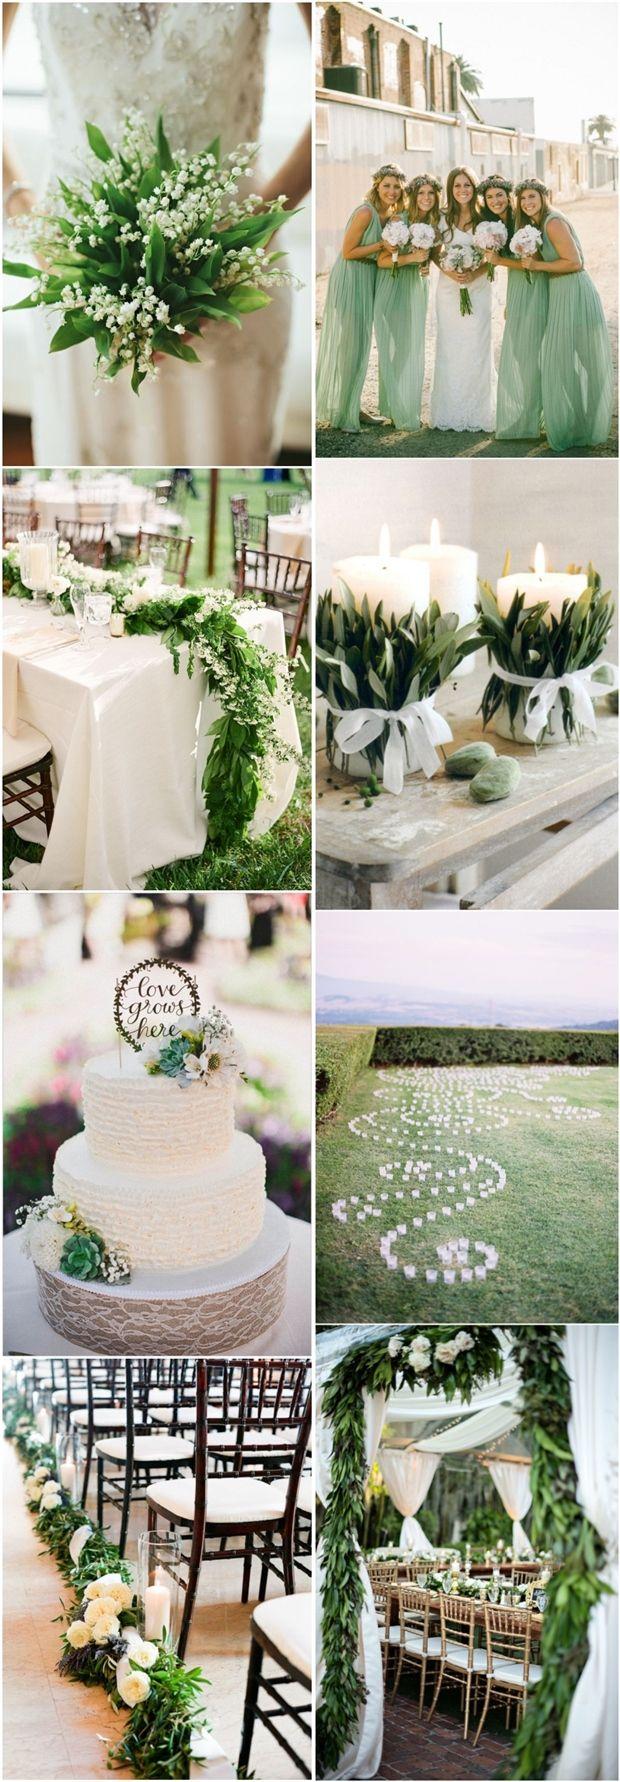 green wedding color ideas- spring wedding ideas